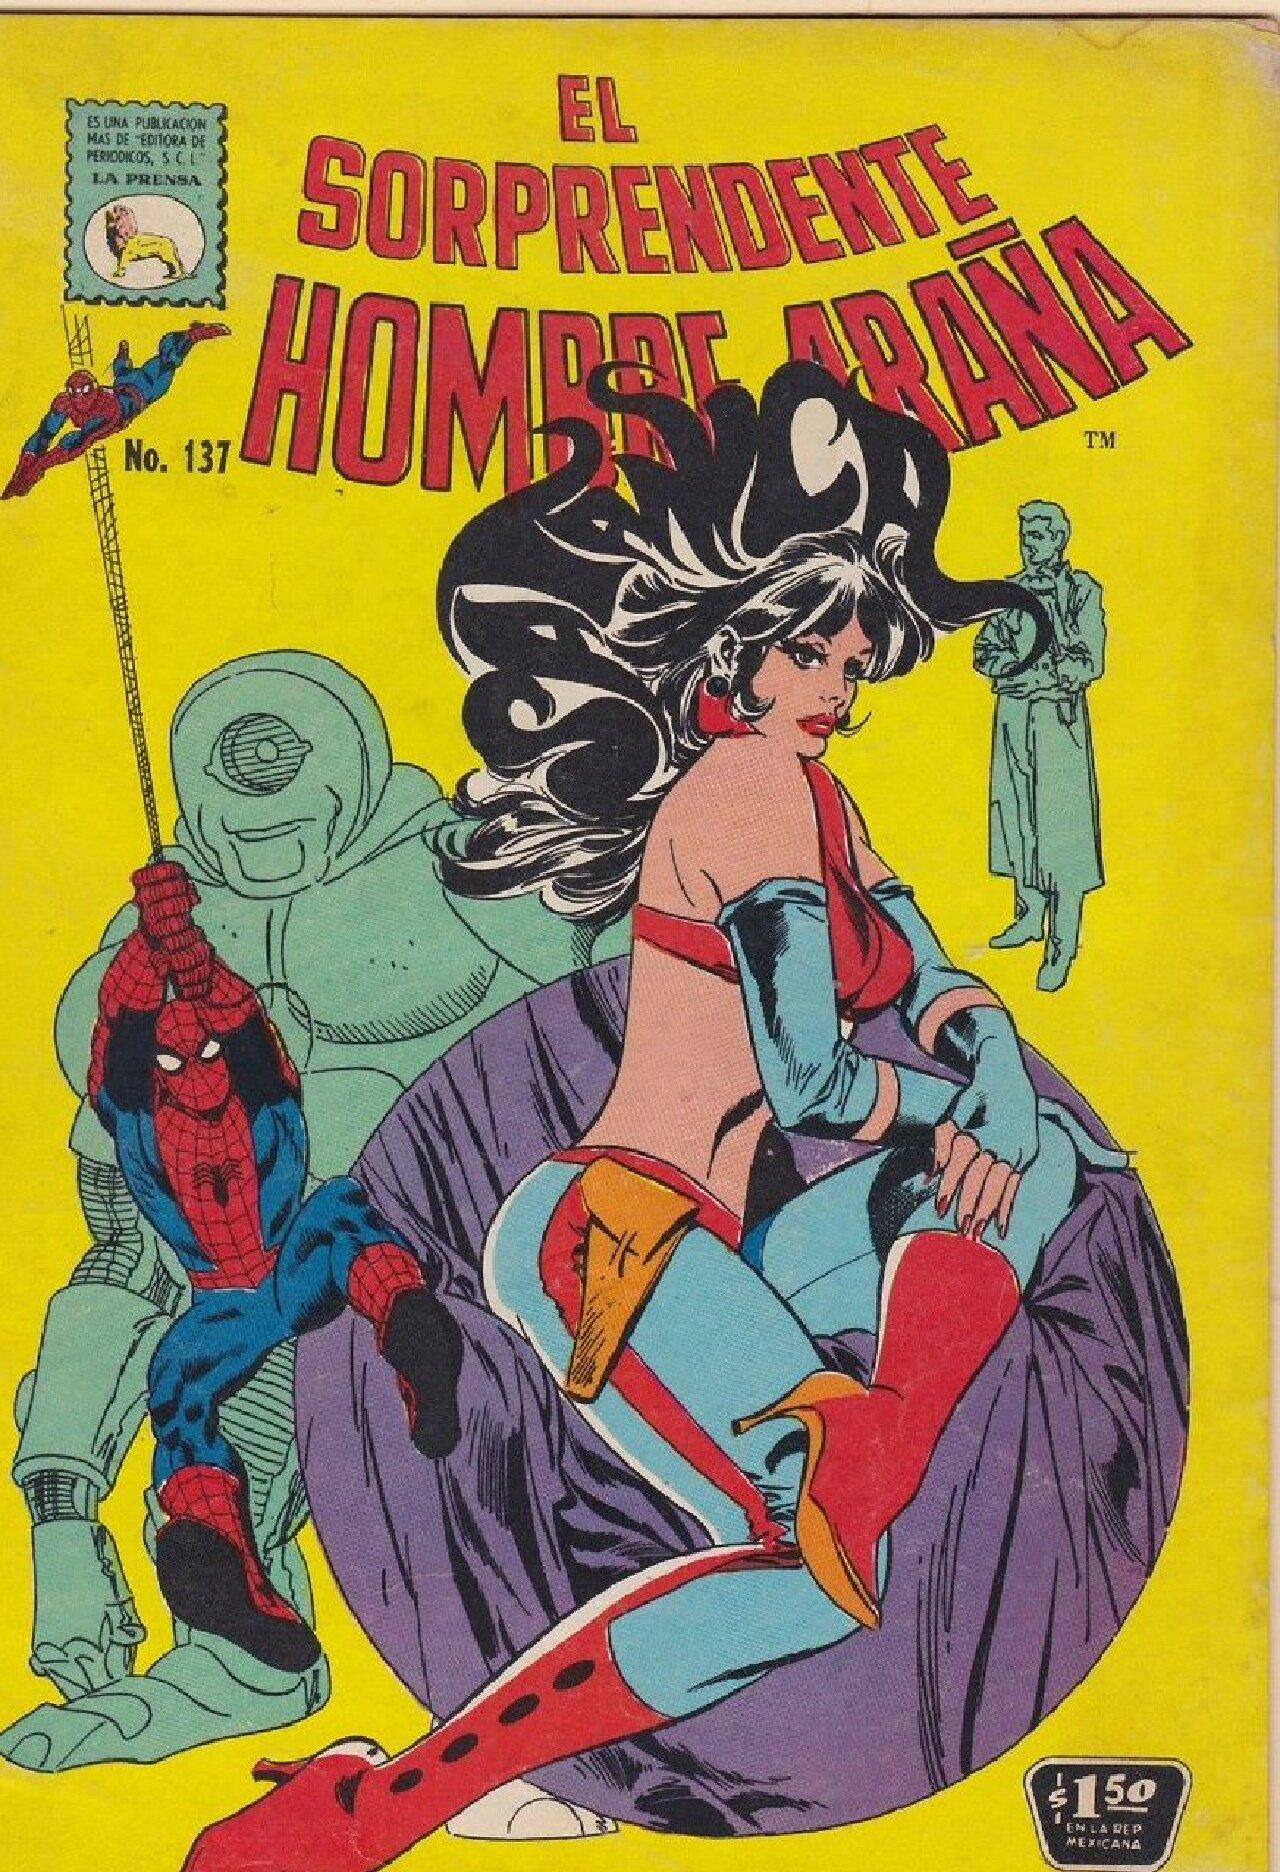 José Luis Durán spider-man cómic méxico